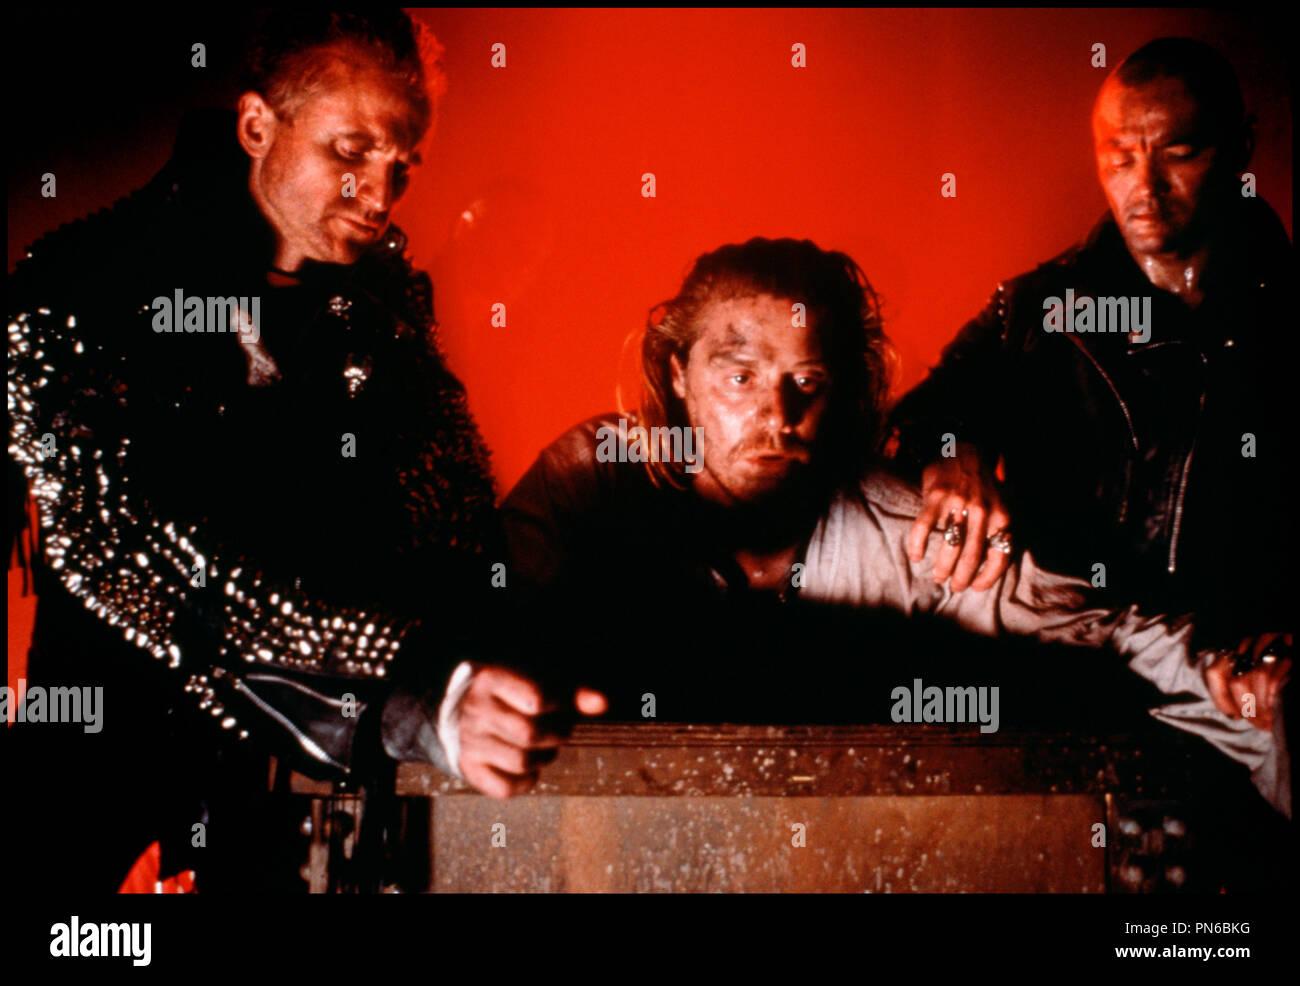 Prod DB © Working Title / DR EDWARD II (EDWARD II) de Derek Jarman 1991 GB avec Steven Waddington exécution, peine capitale, punition, bourreaux, condamné à mort d'après la pièce de Christopher Marlowe - Stock Image